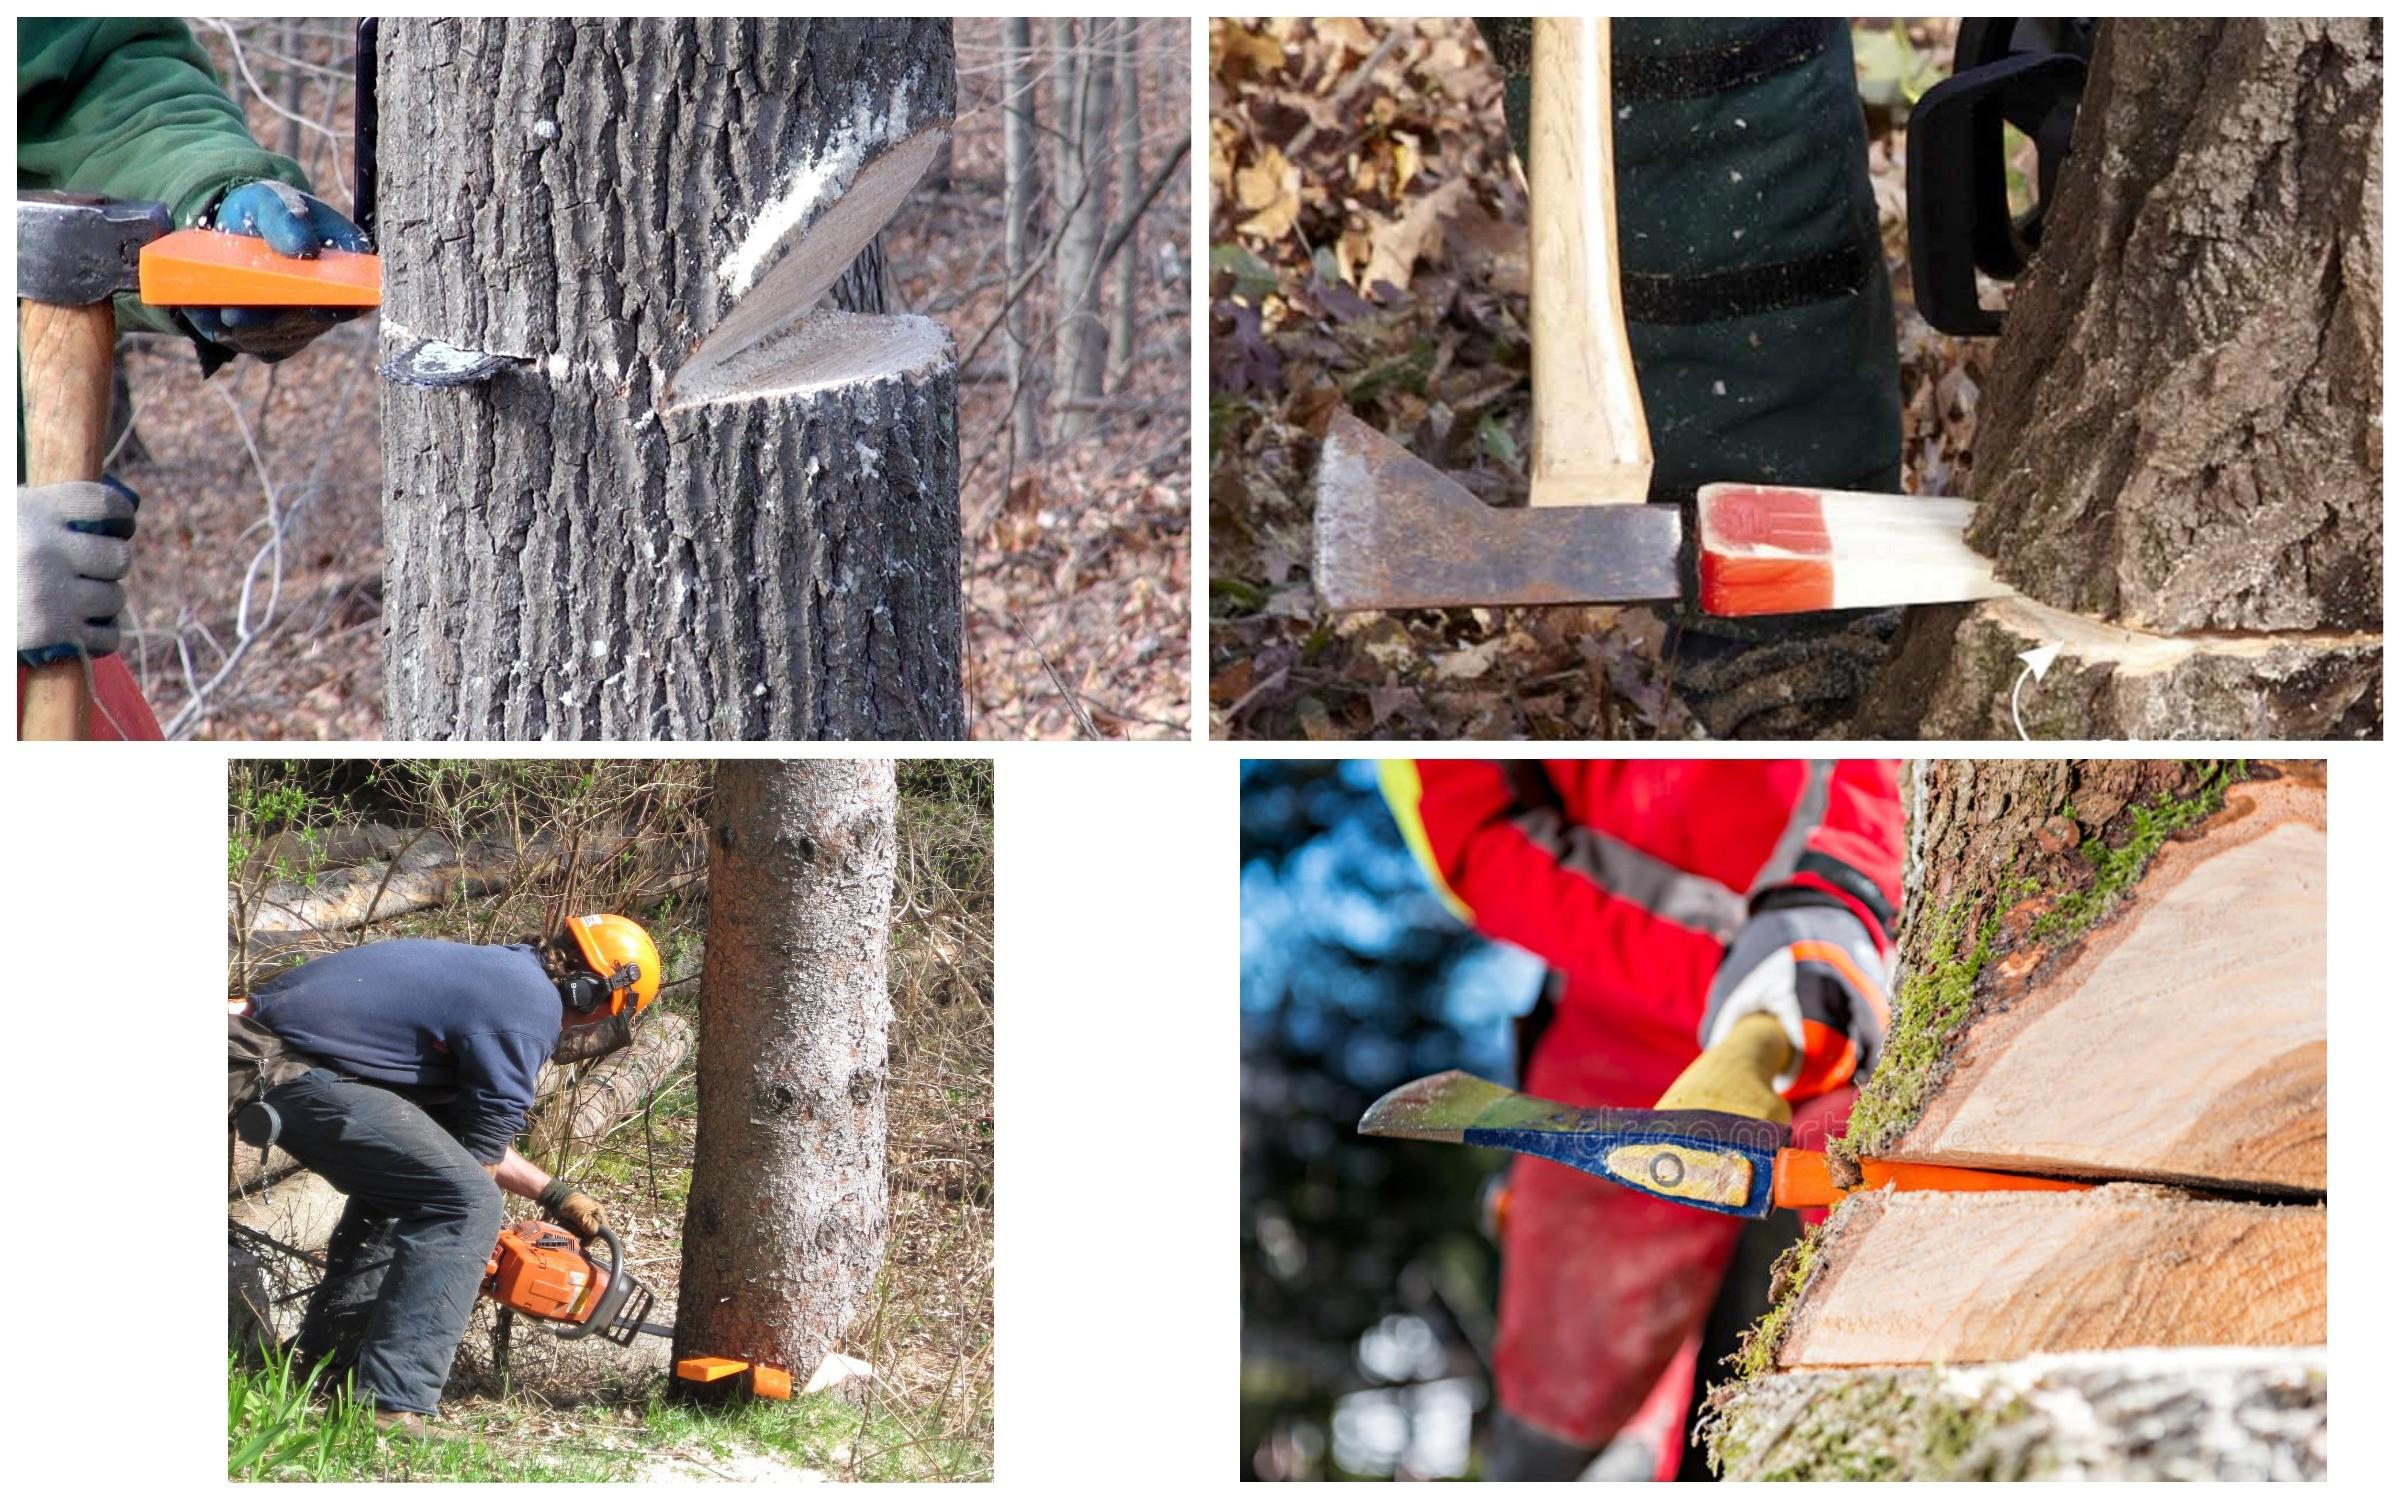 изображение спиливания дерева с помощью клина